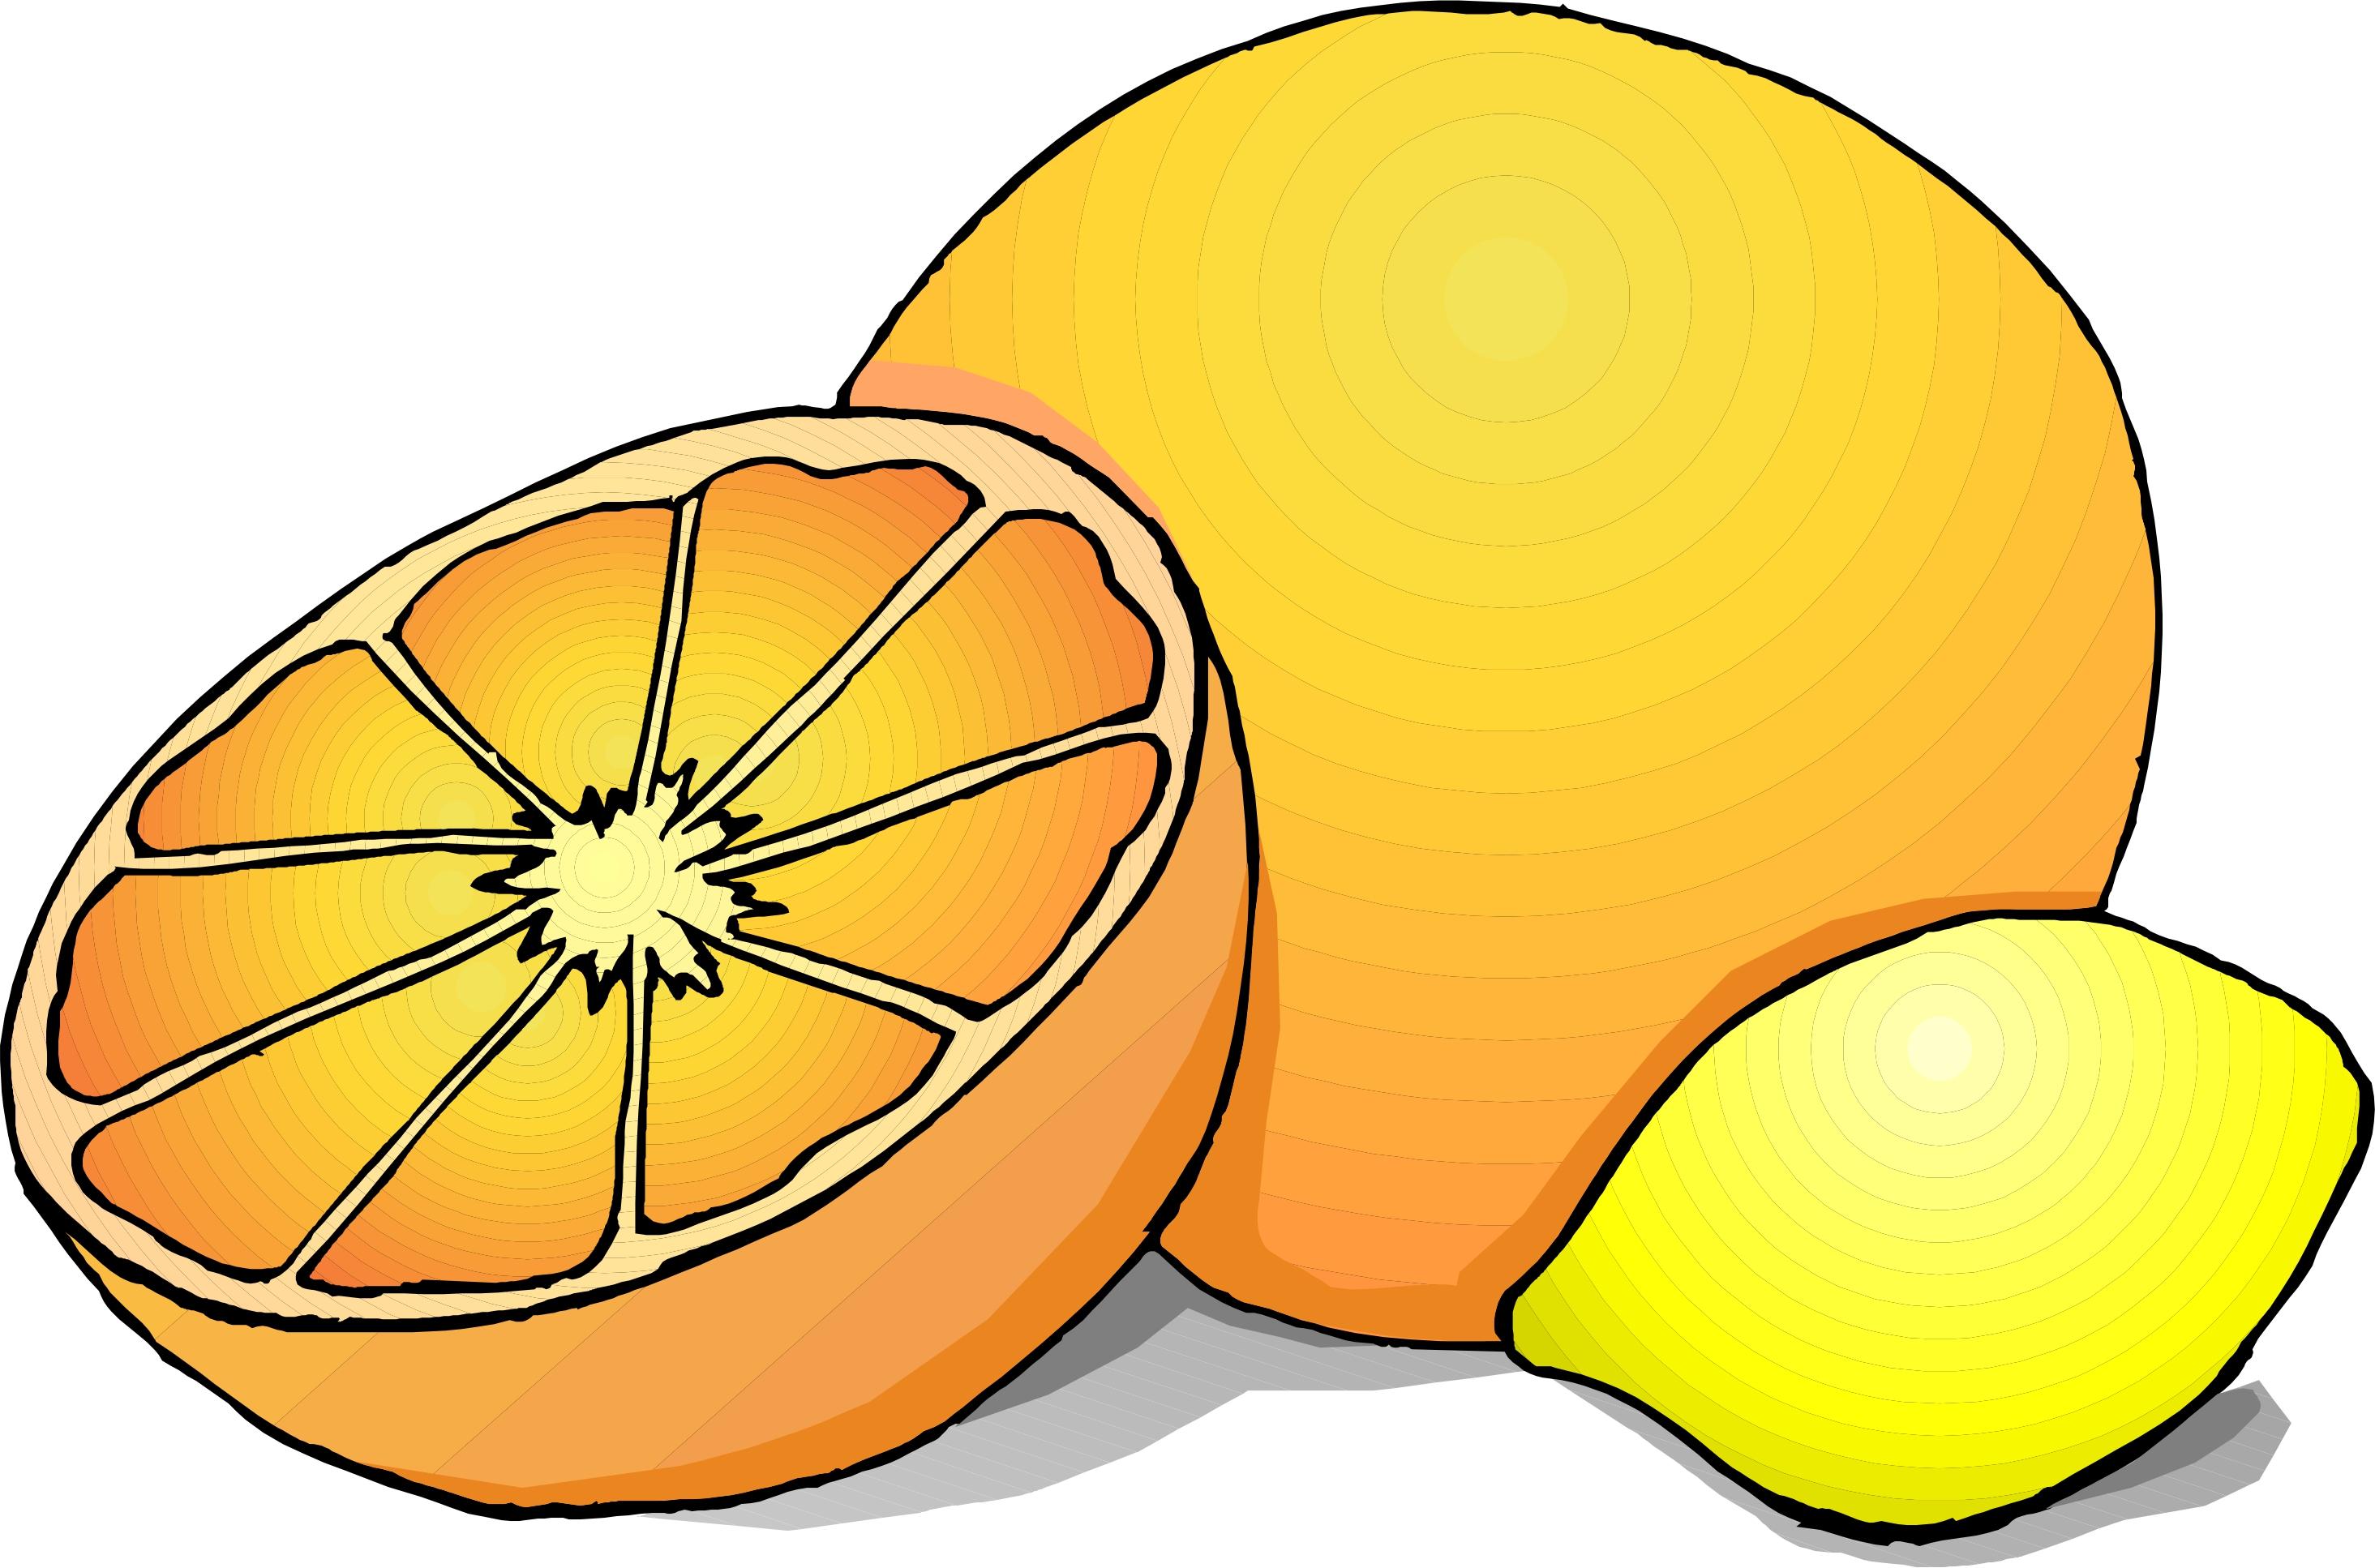 Citrus fruit clipart #4